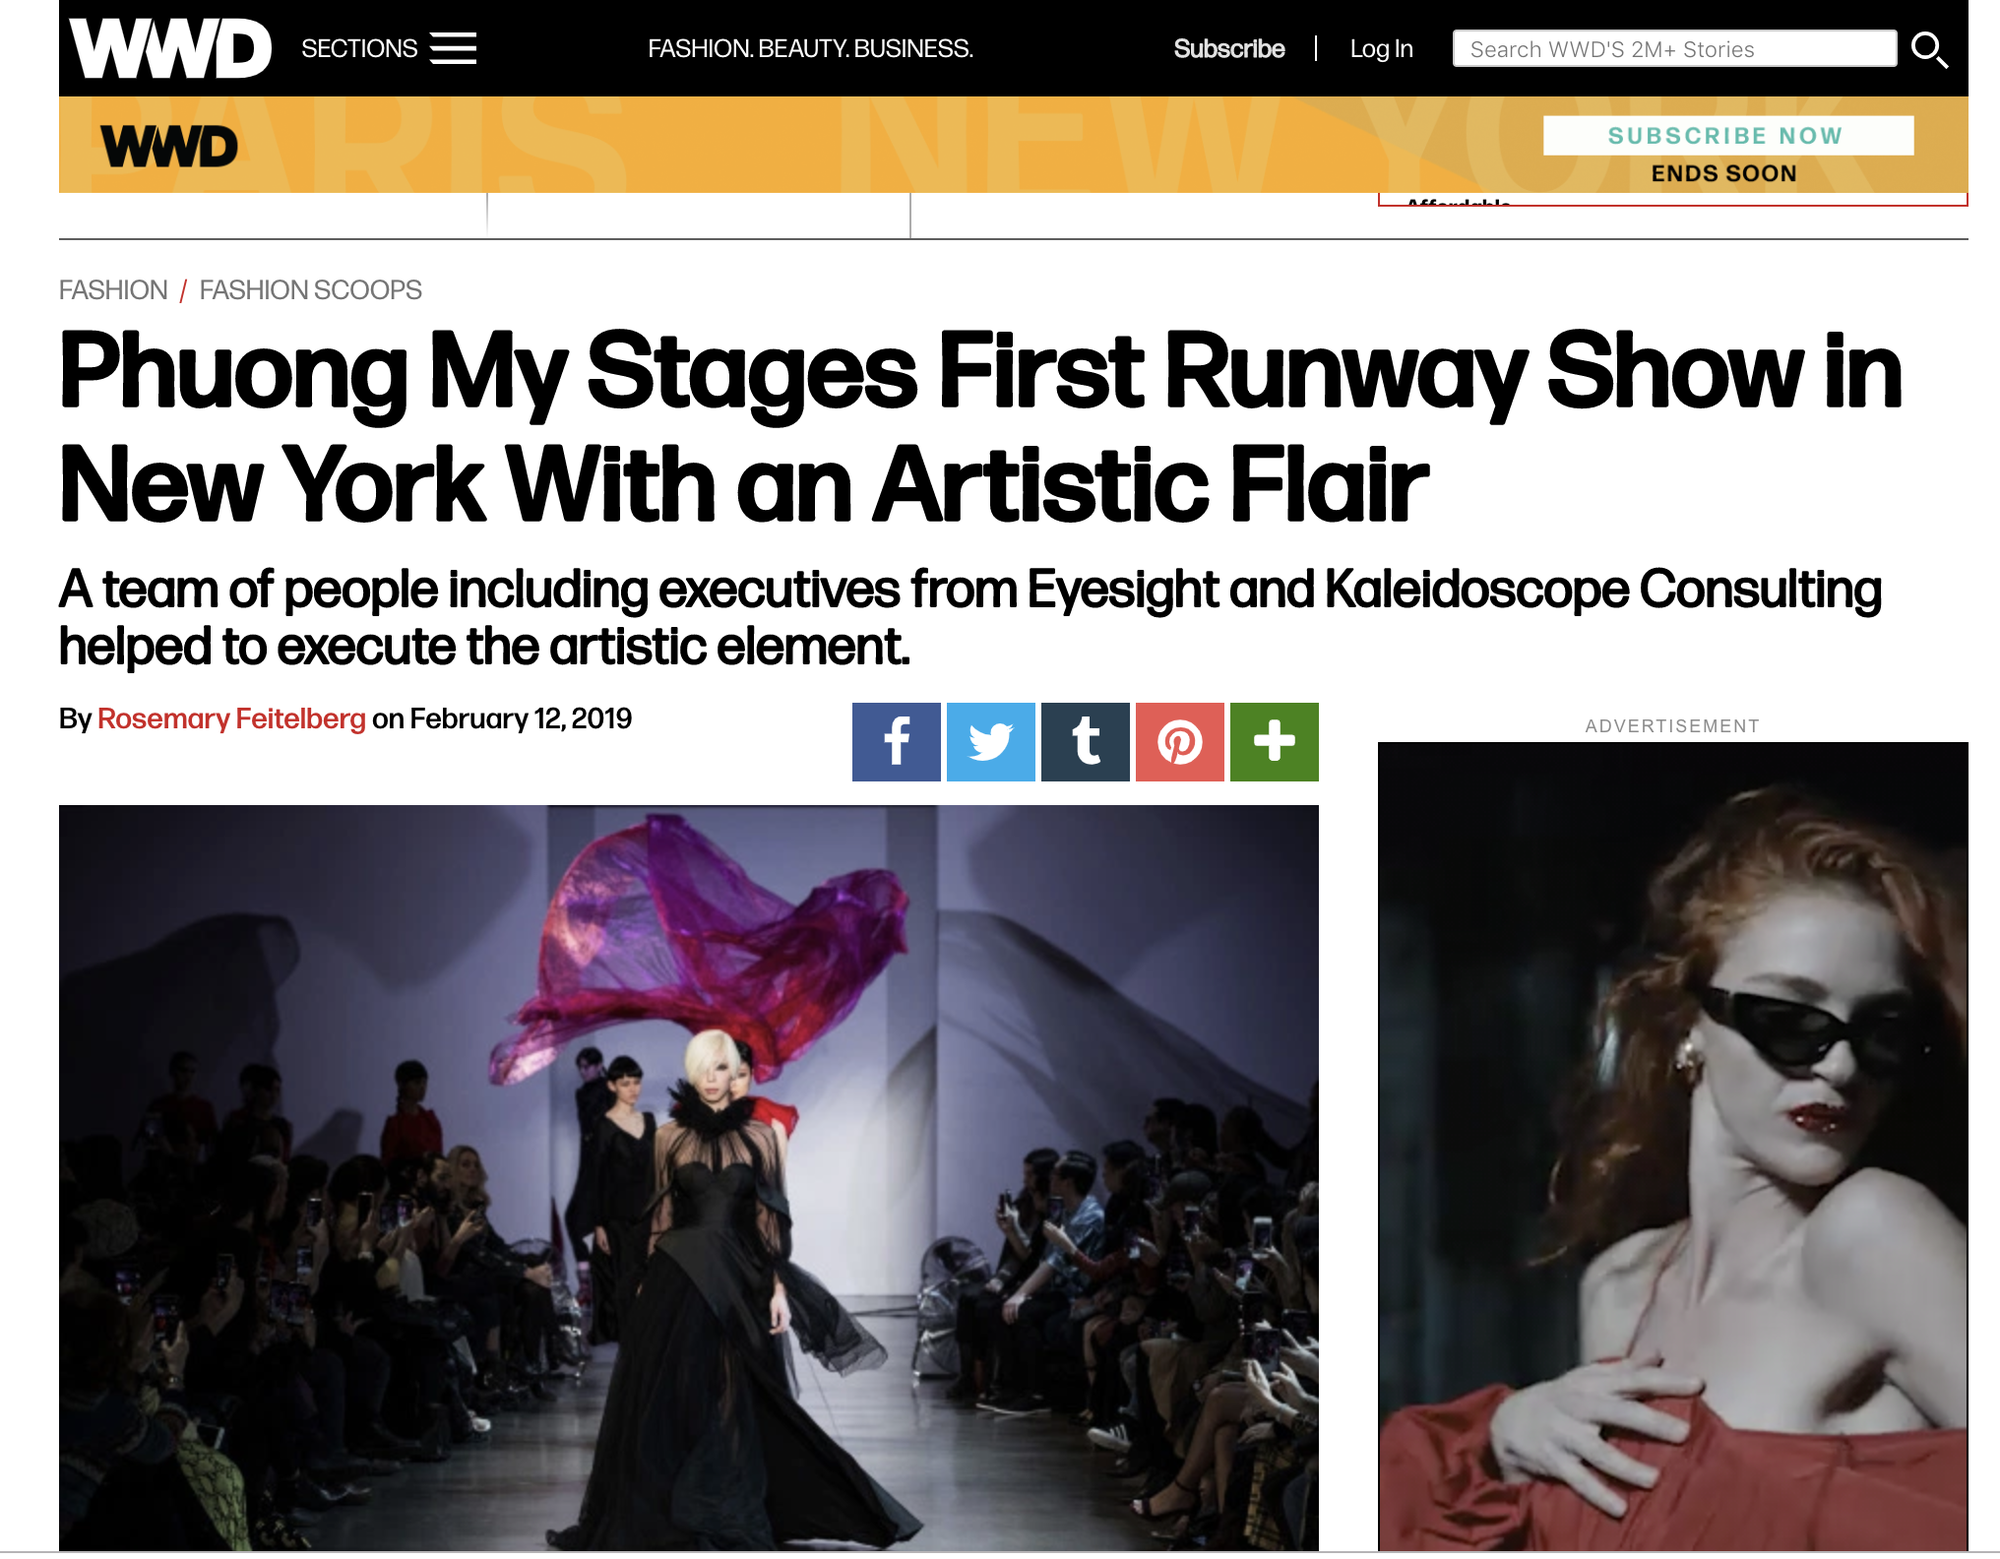 VOGUE Mỹ, VOGUE Tây Ban Nha và hàng loạt tạp chí thời trang thế giới đồng loạt đưa tin về show diễn PHUONG MY tại NYFW - Ảnh 3.